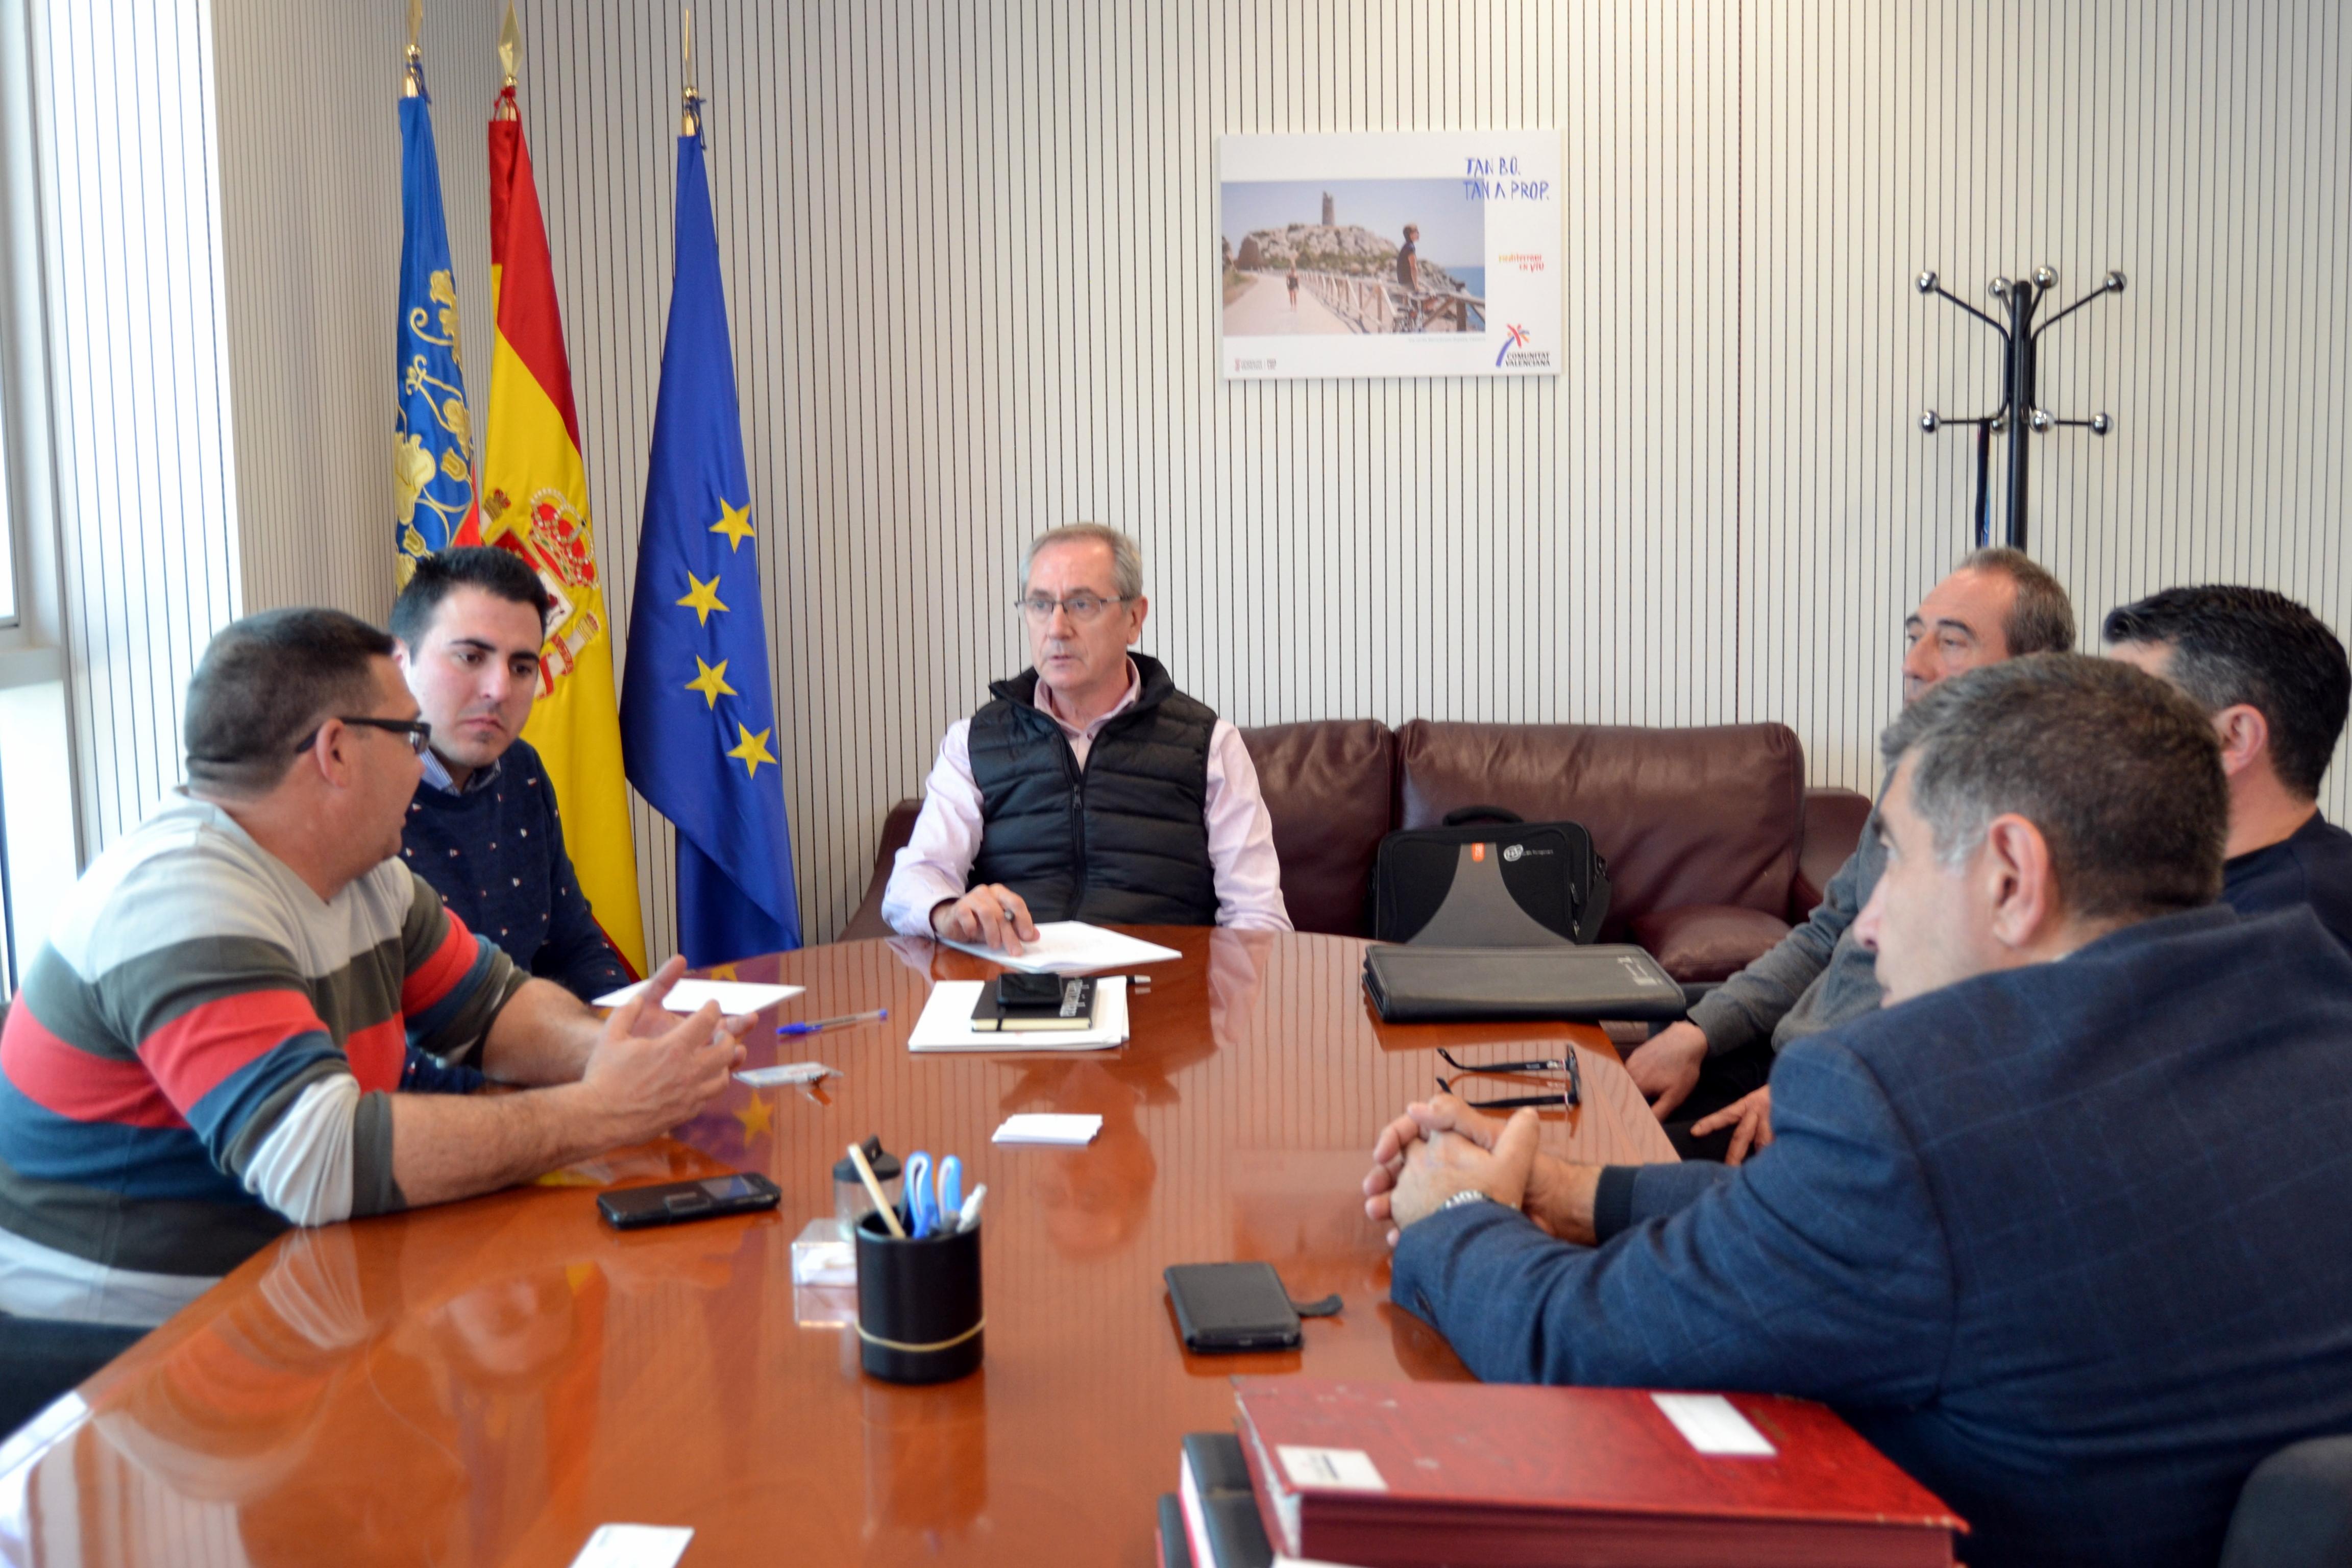 Ayuntamiento de Buñol y Asociación de Empresarios y Autónomos de la localidad se reúnen con Josep Gisbert, de la AVT, para apoyar atractivos turísticos como el Castillo y la Tomatina.